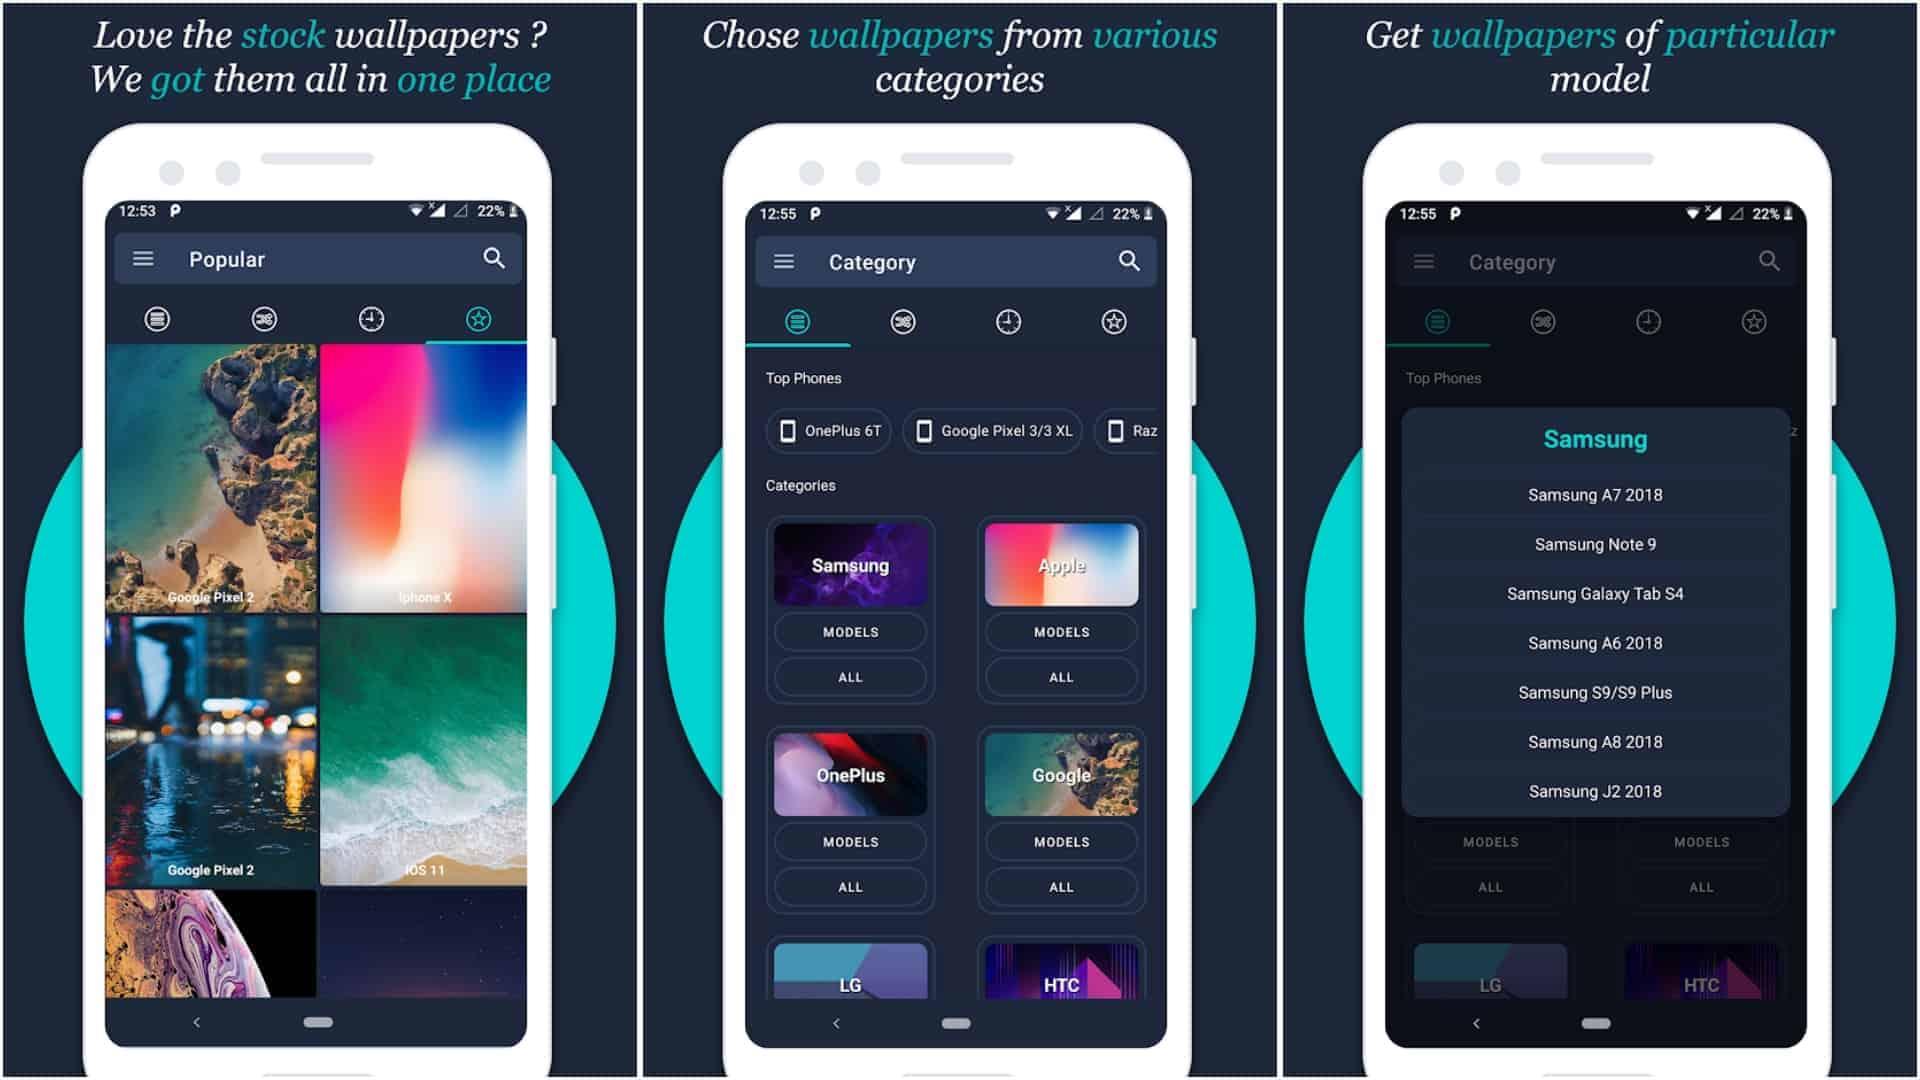 WalP app image May 2020